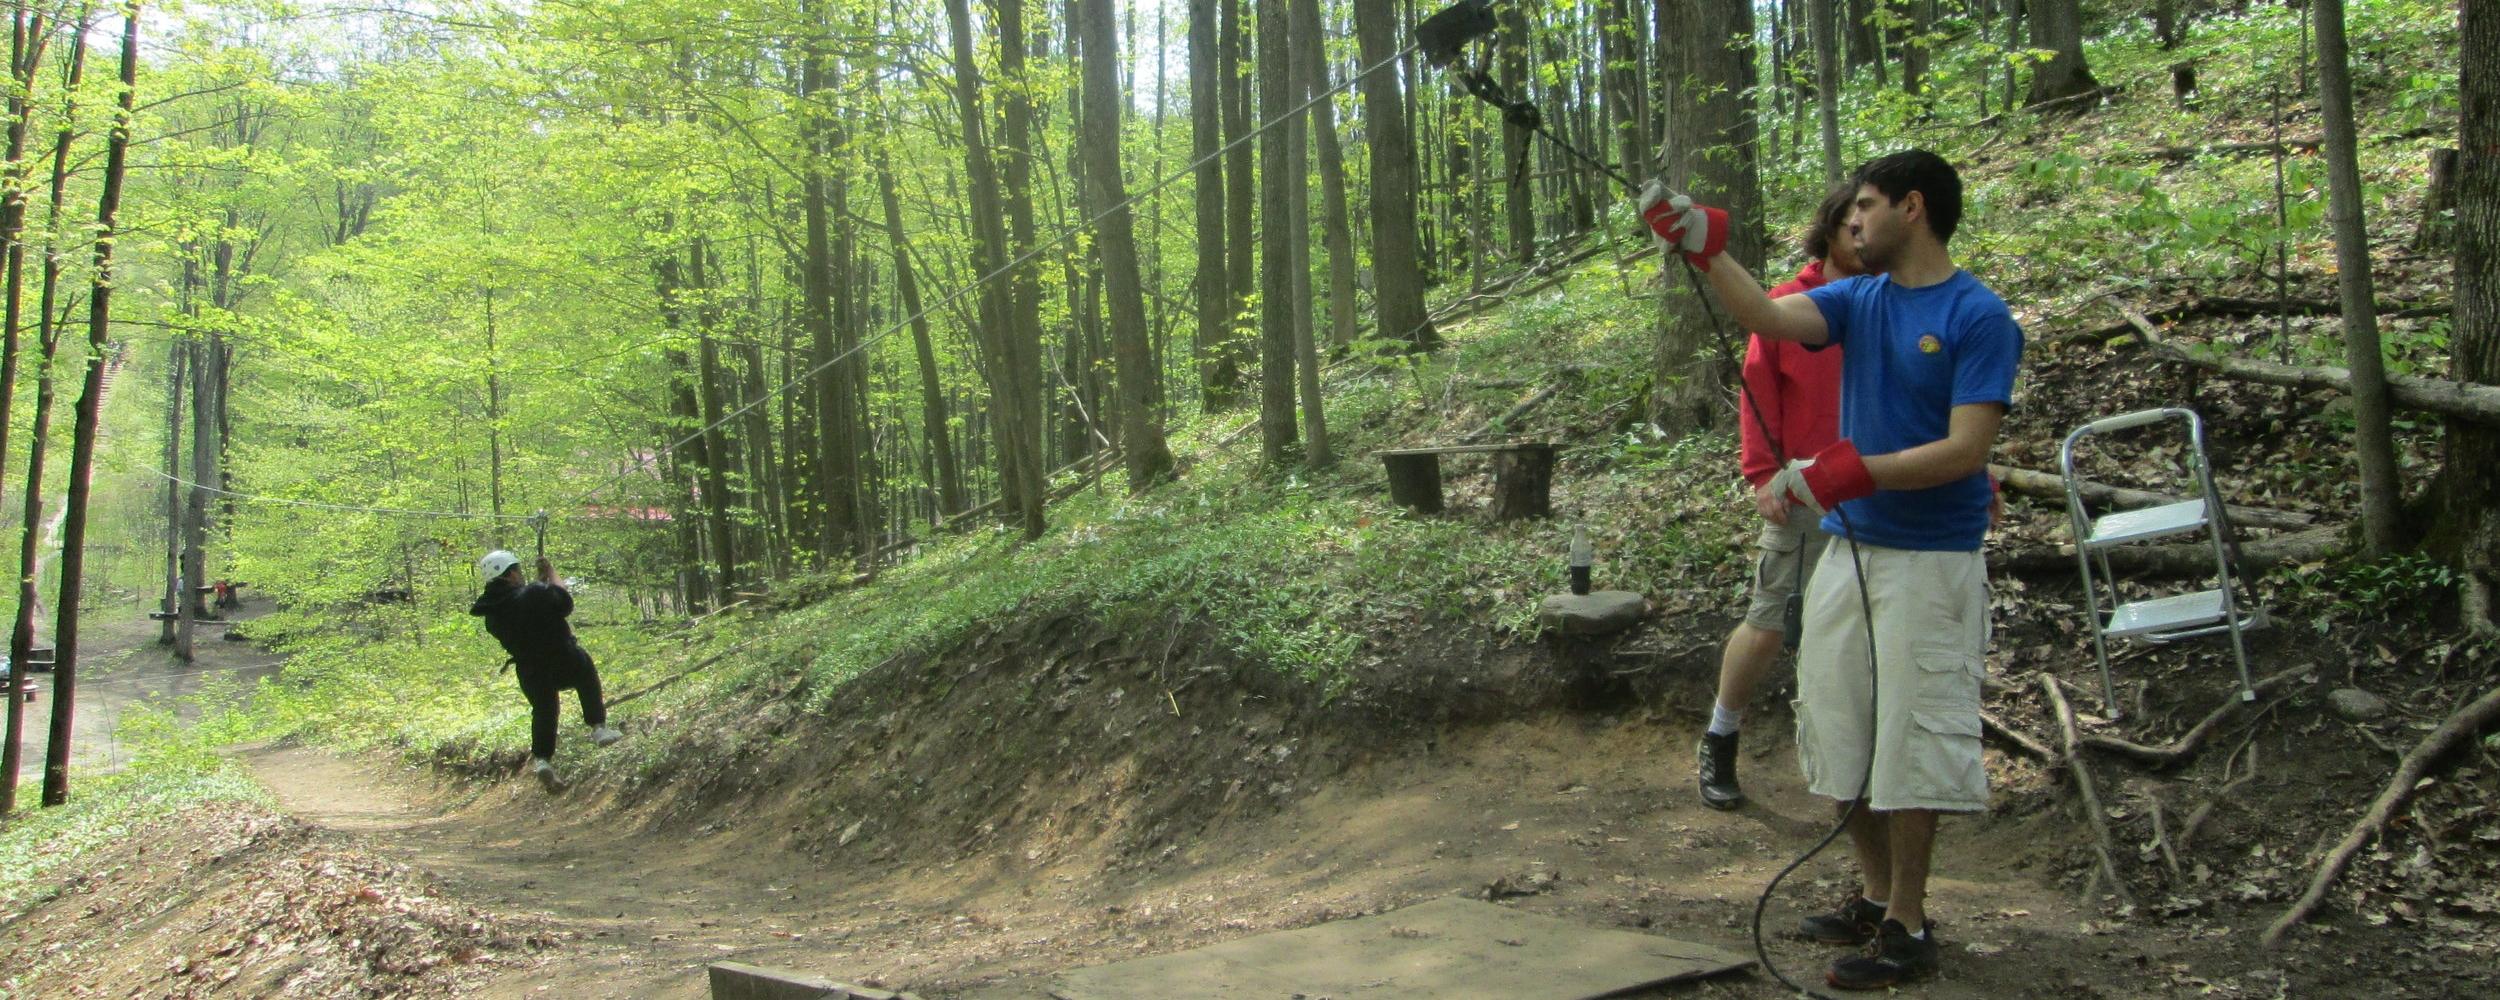 Treetop Trekking 2016 (2).jpg